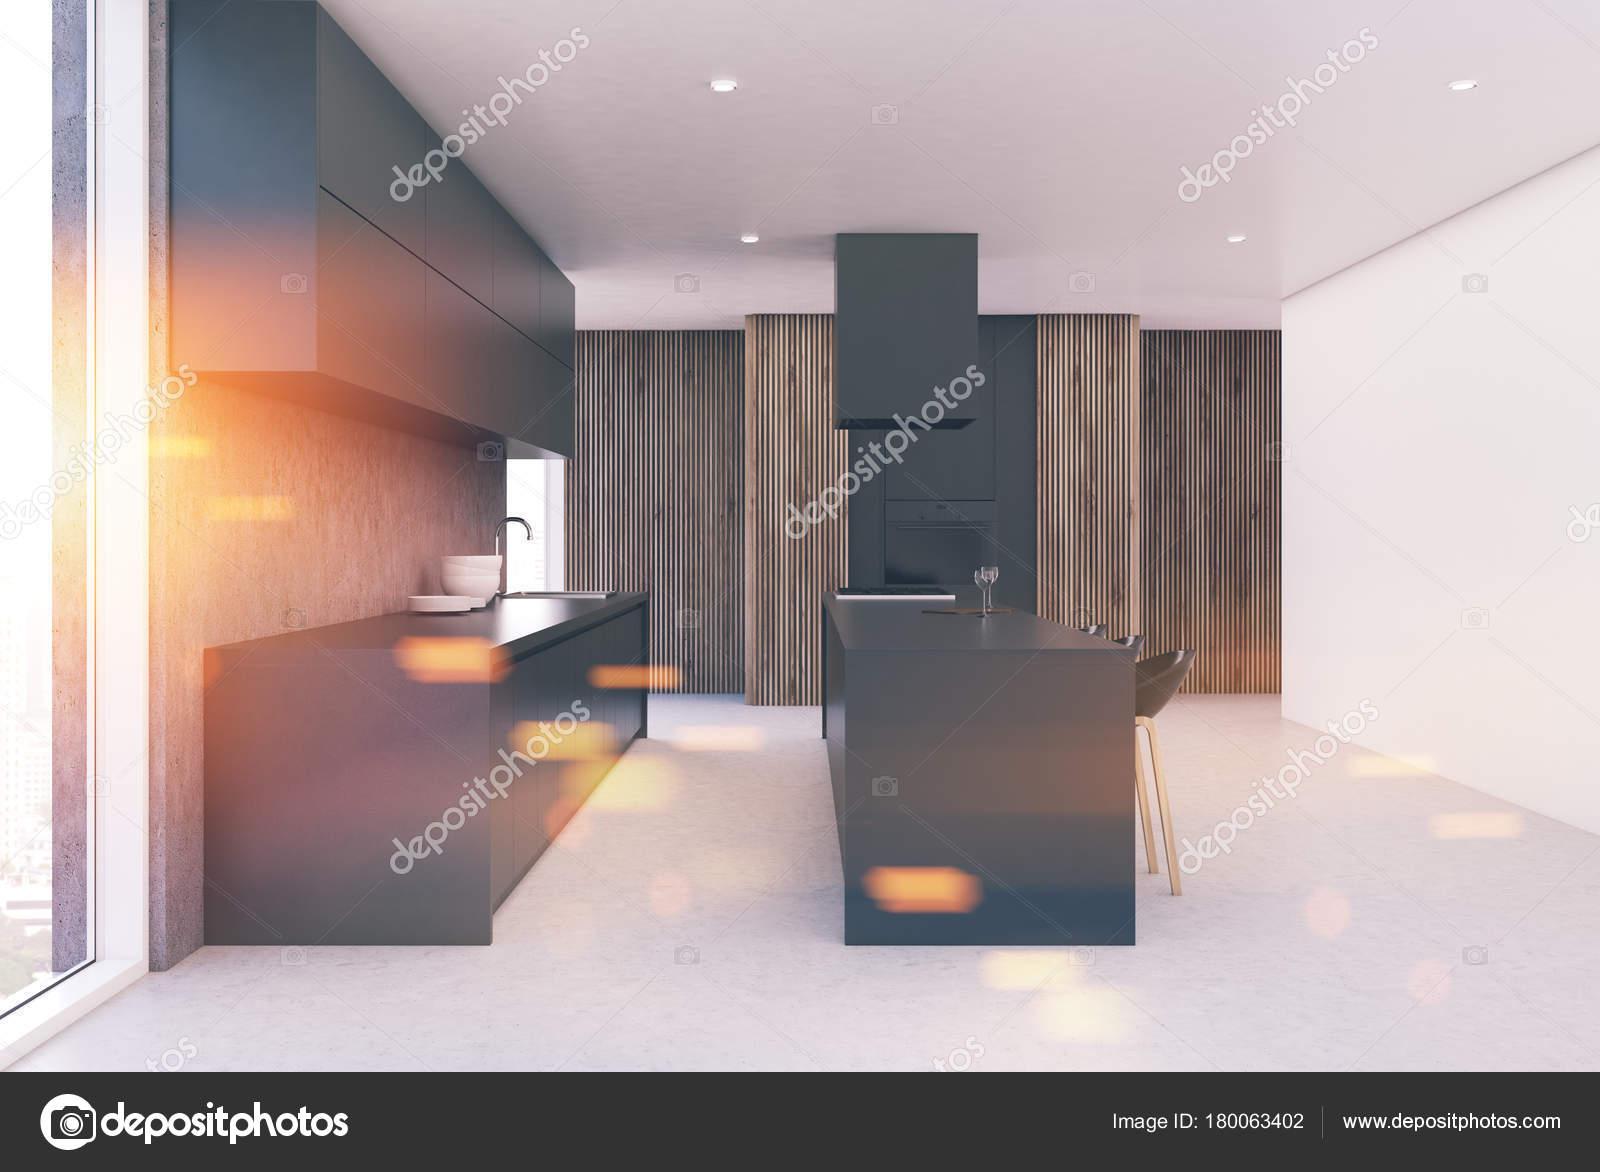 Moderne Grau Und Holz Kuche Interieur Getont Stockfoto